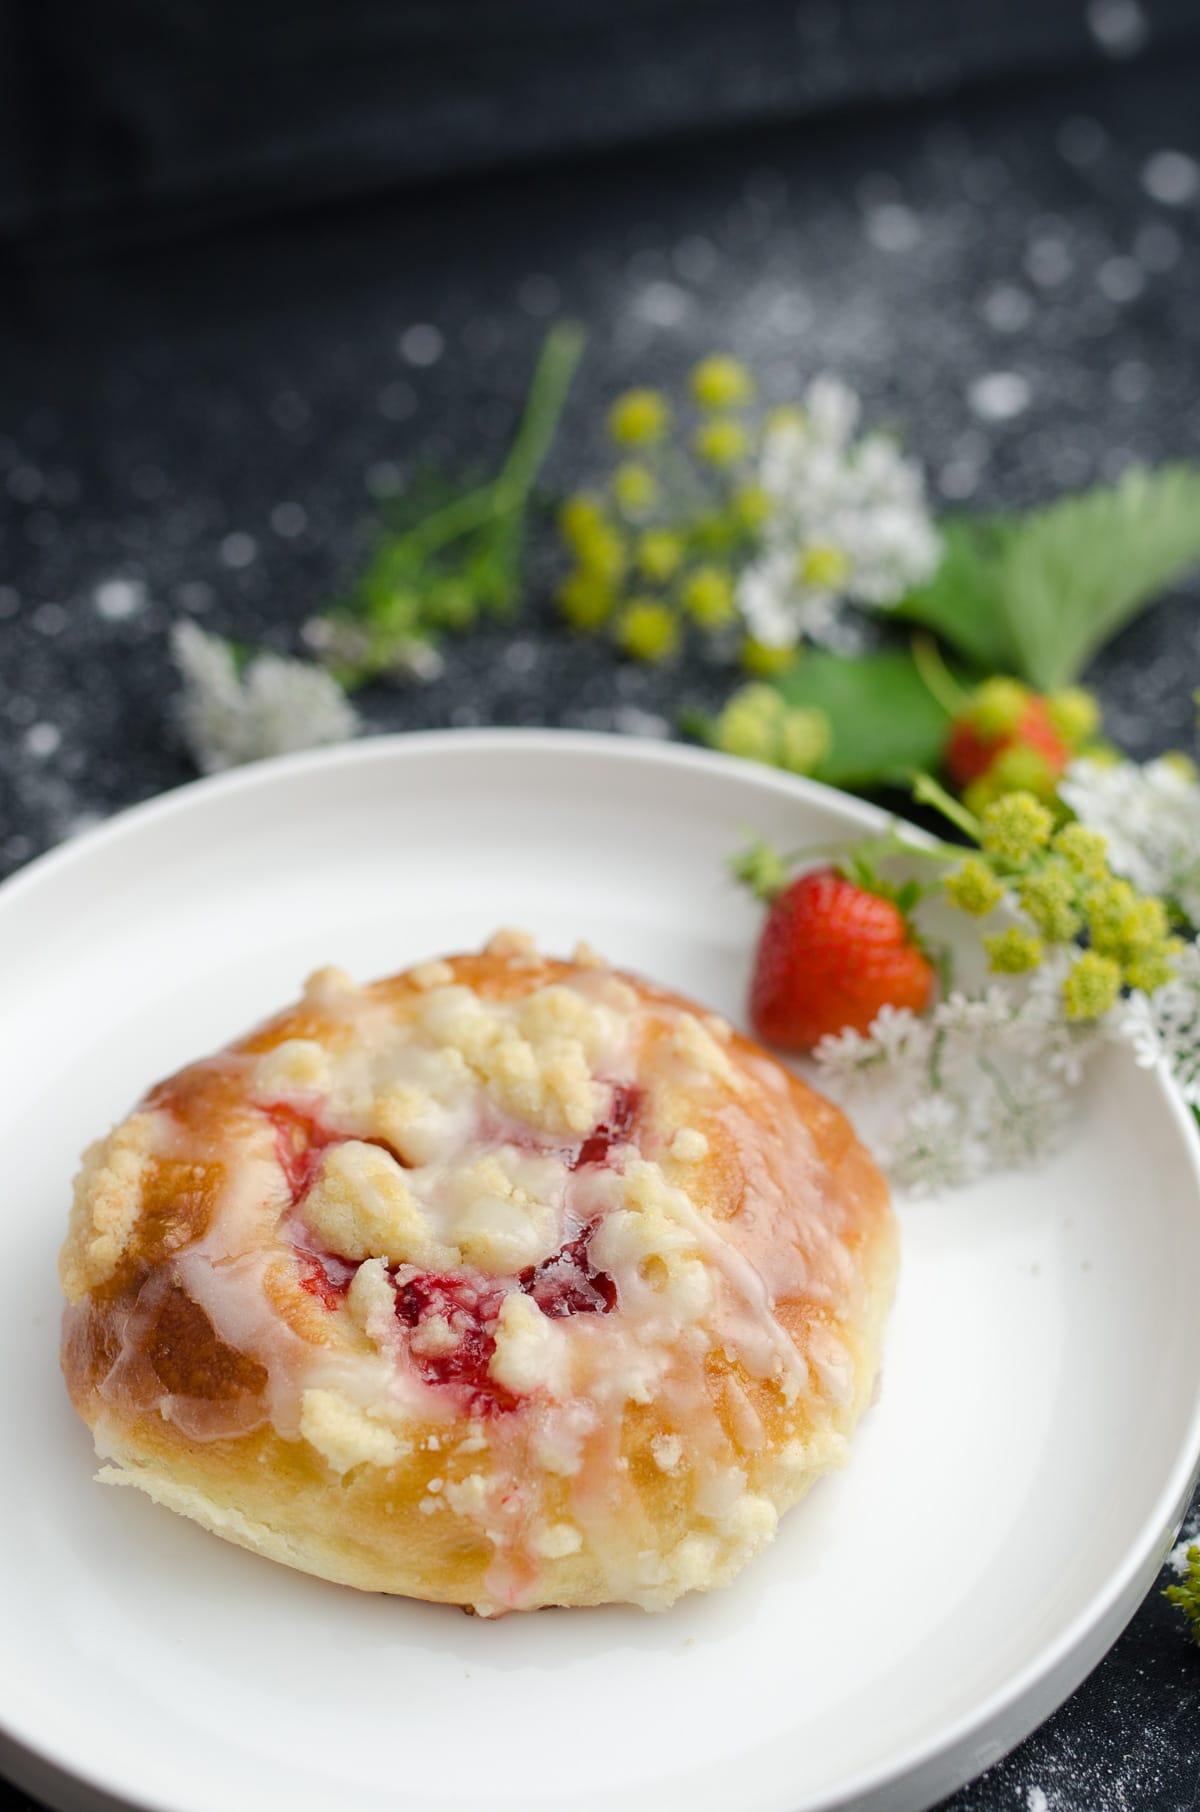 Drożdżówki z truskawkami i mang z kruszonką i dużą ilością lukru. Bułka na białym talerzu udekorowana truskawka i kwiatami.